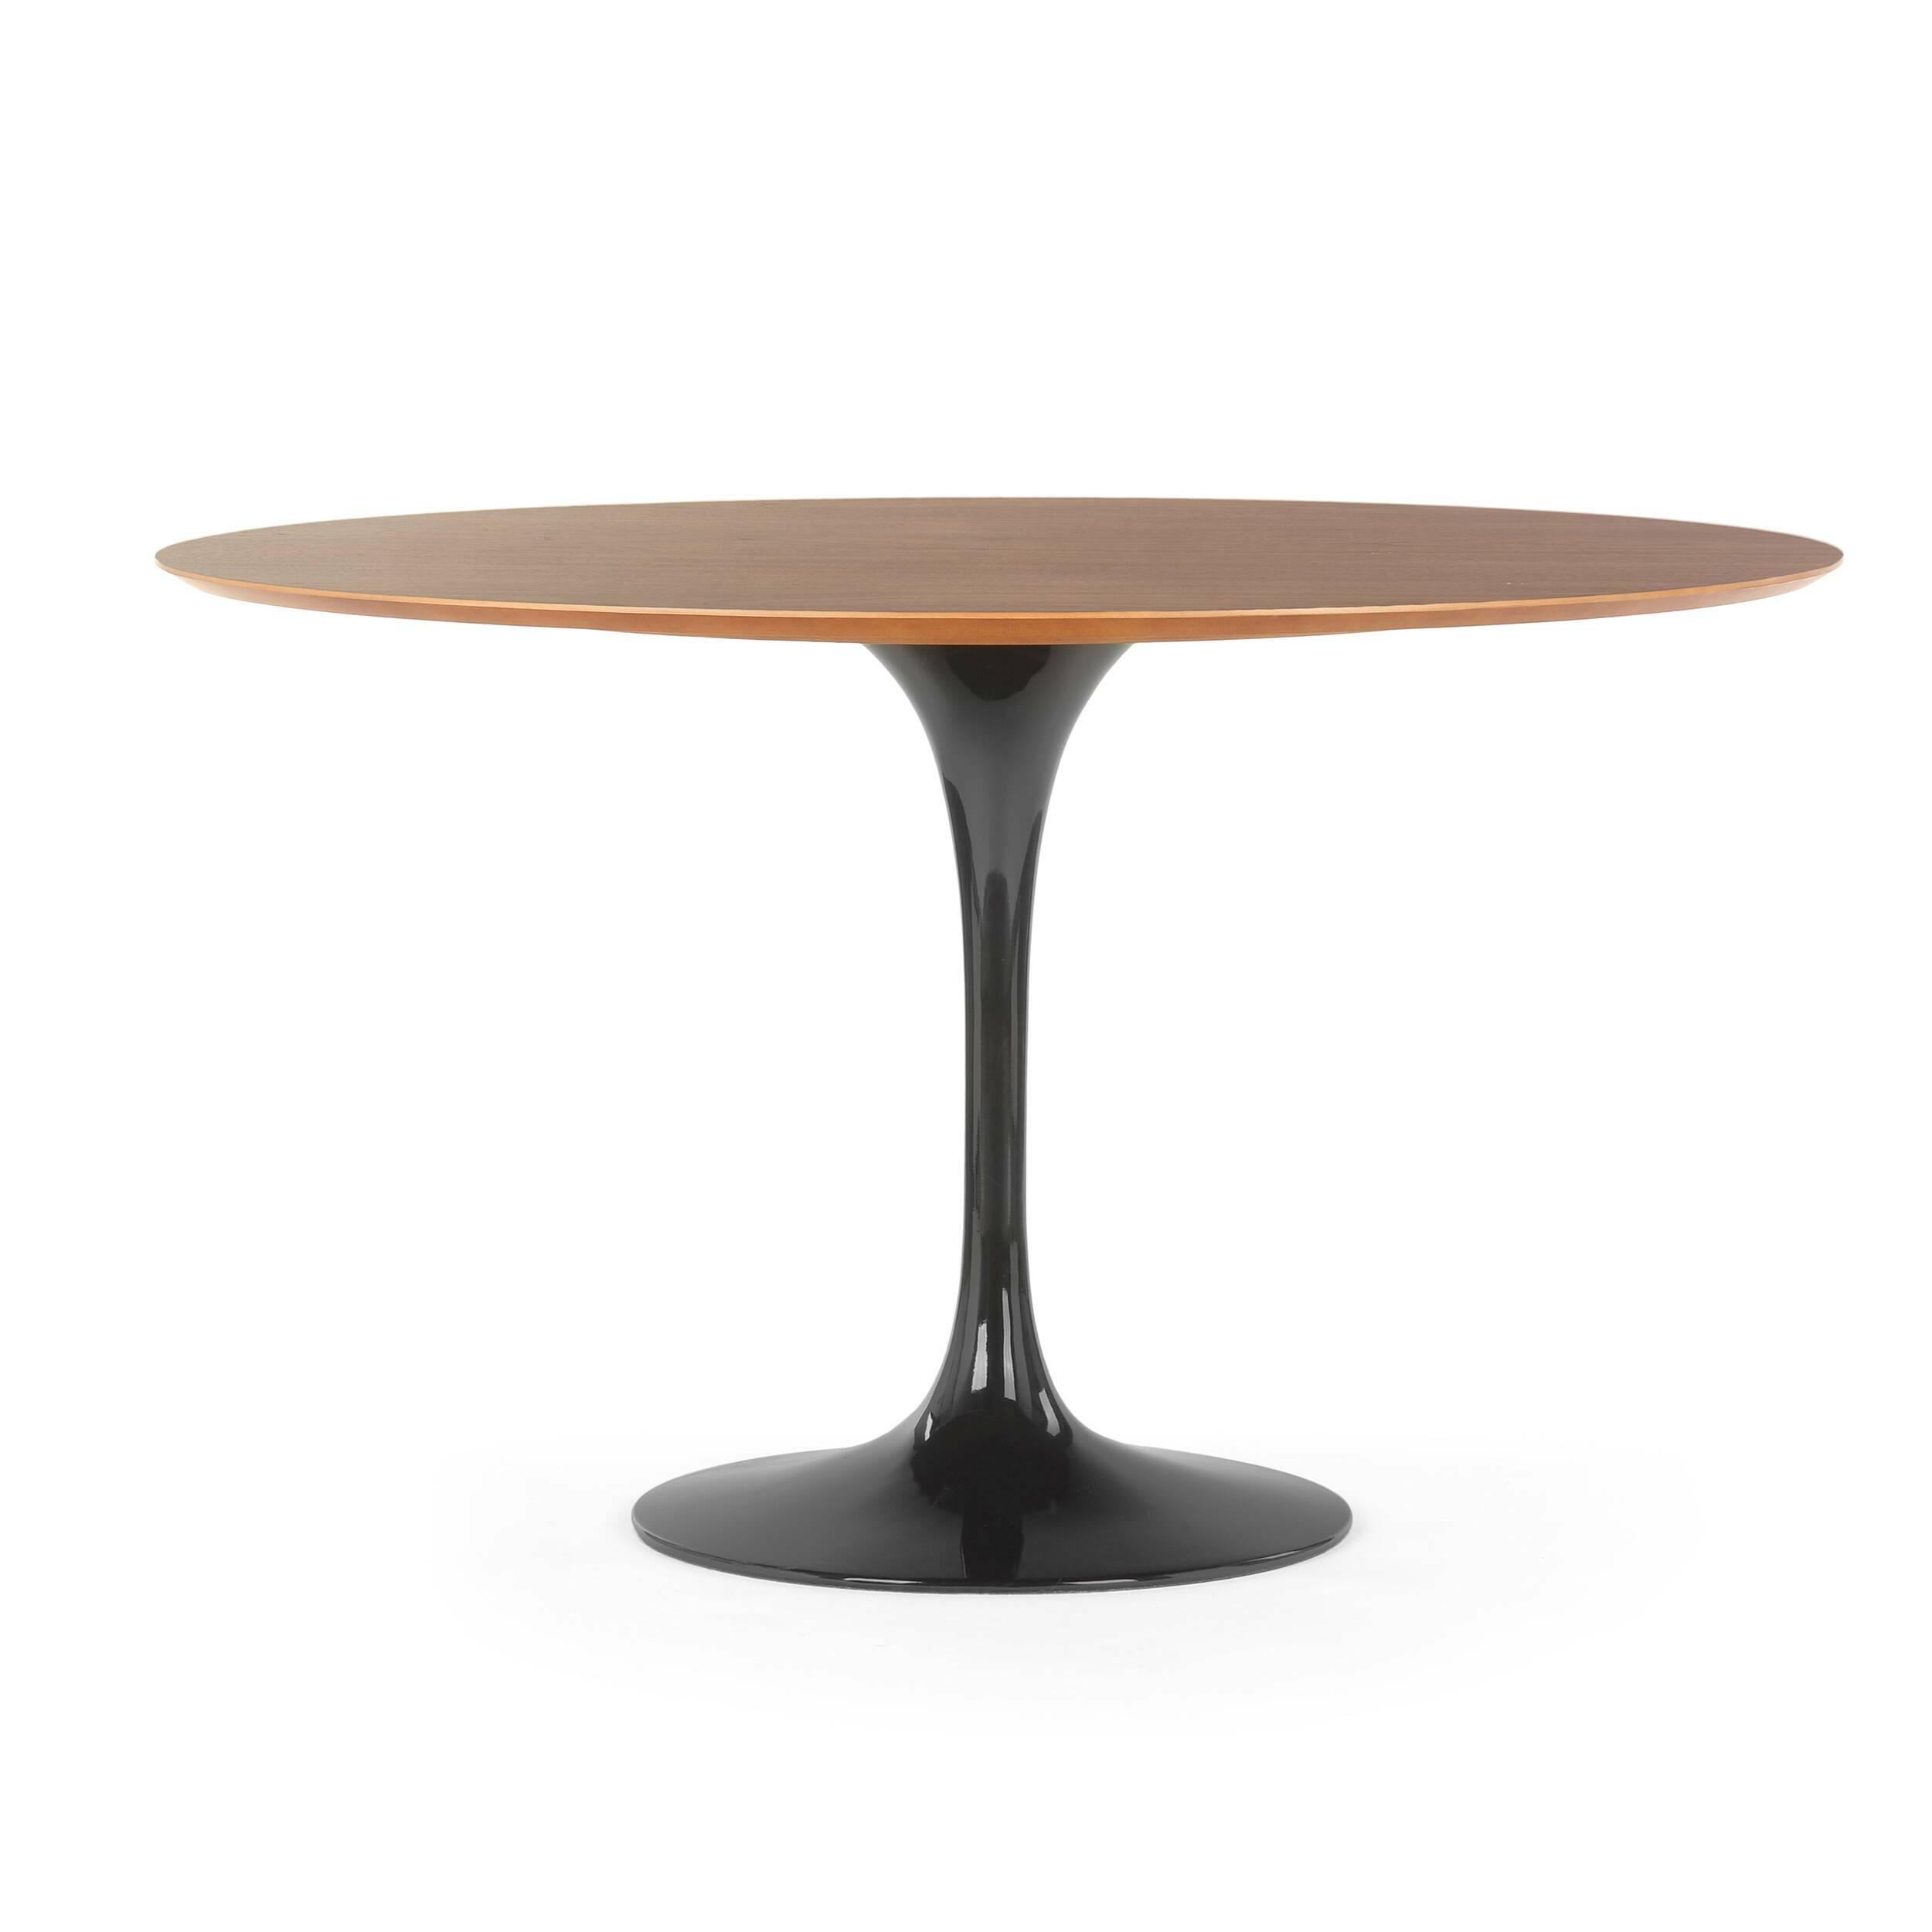 Обеденный стол Tulip с деревянной столешницей диаметр 122 стол обеденный опора металл орех монпелье 432903 шатура столы обеденные